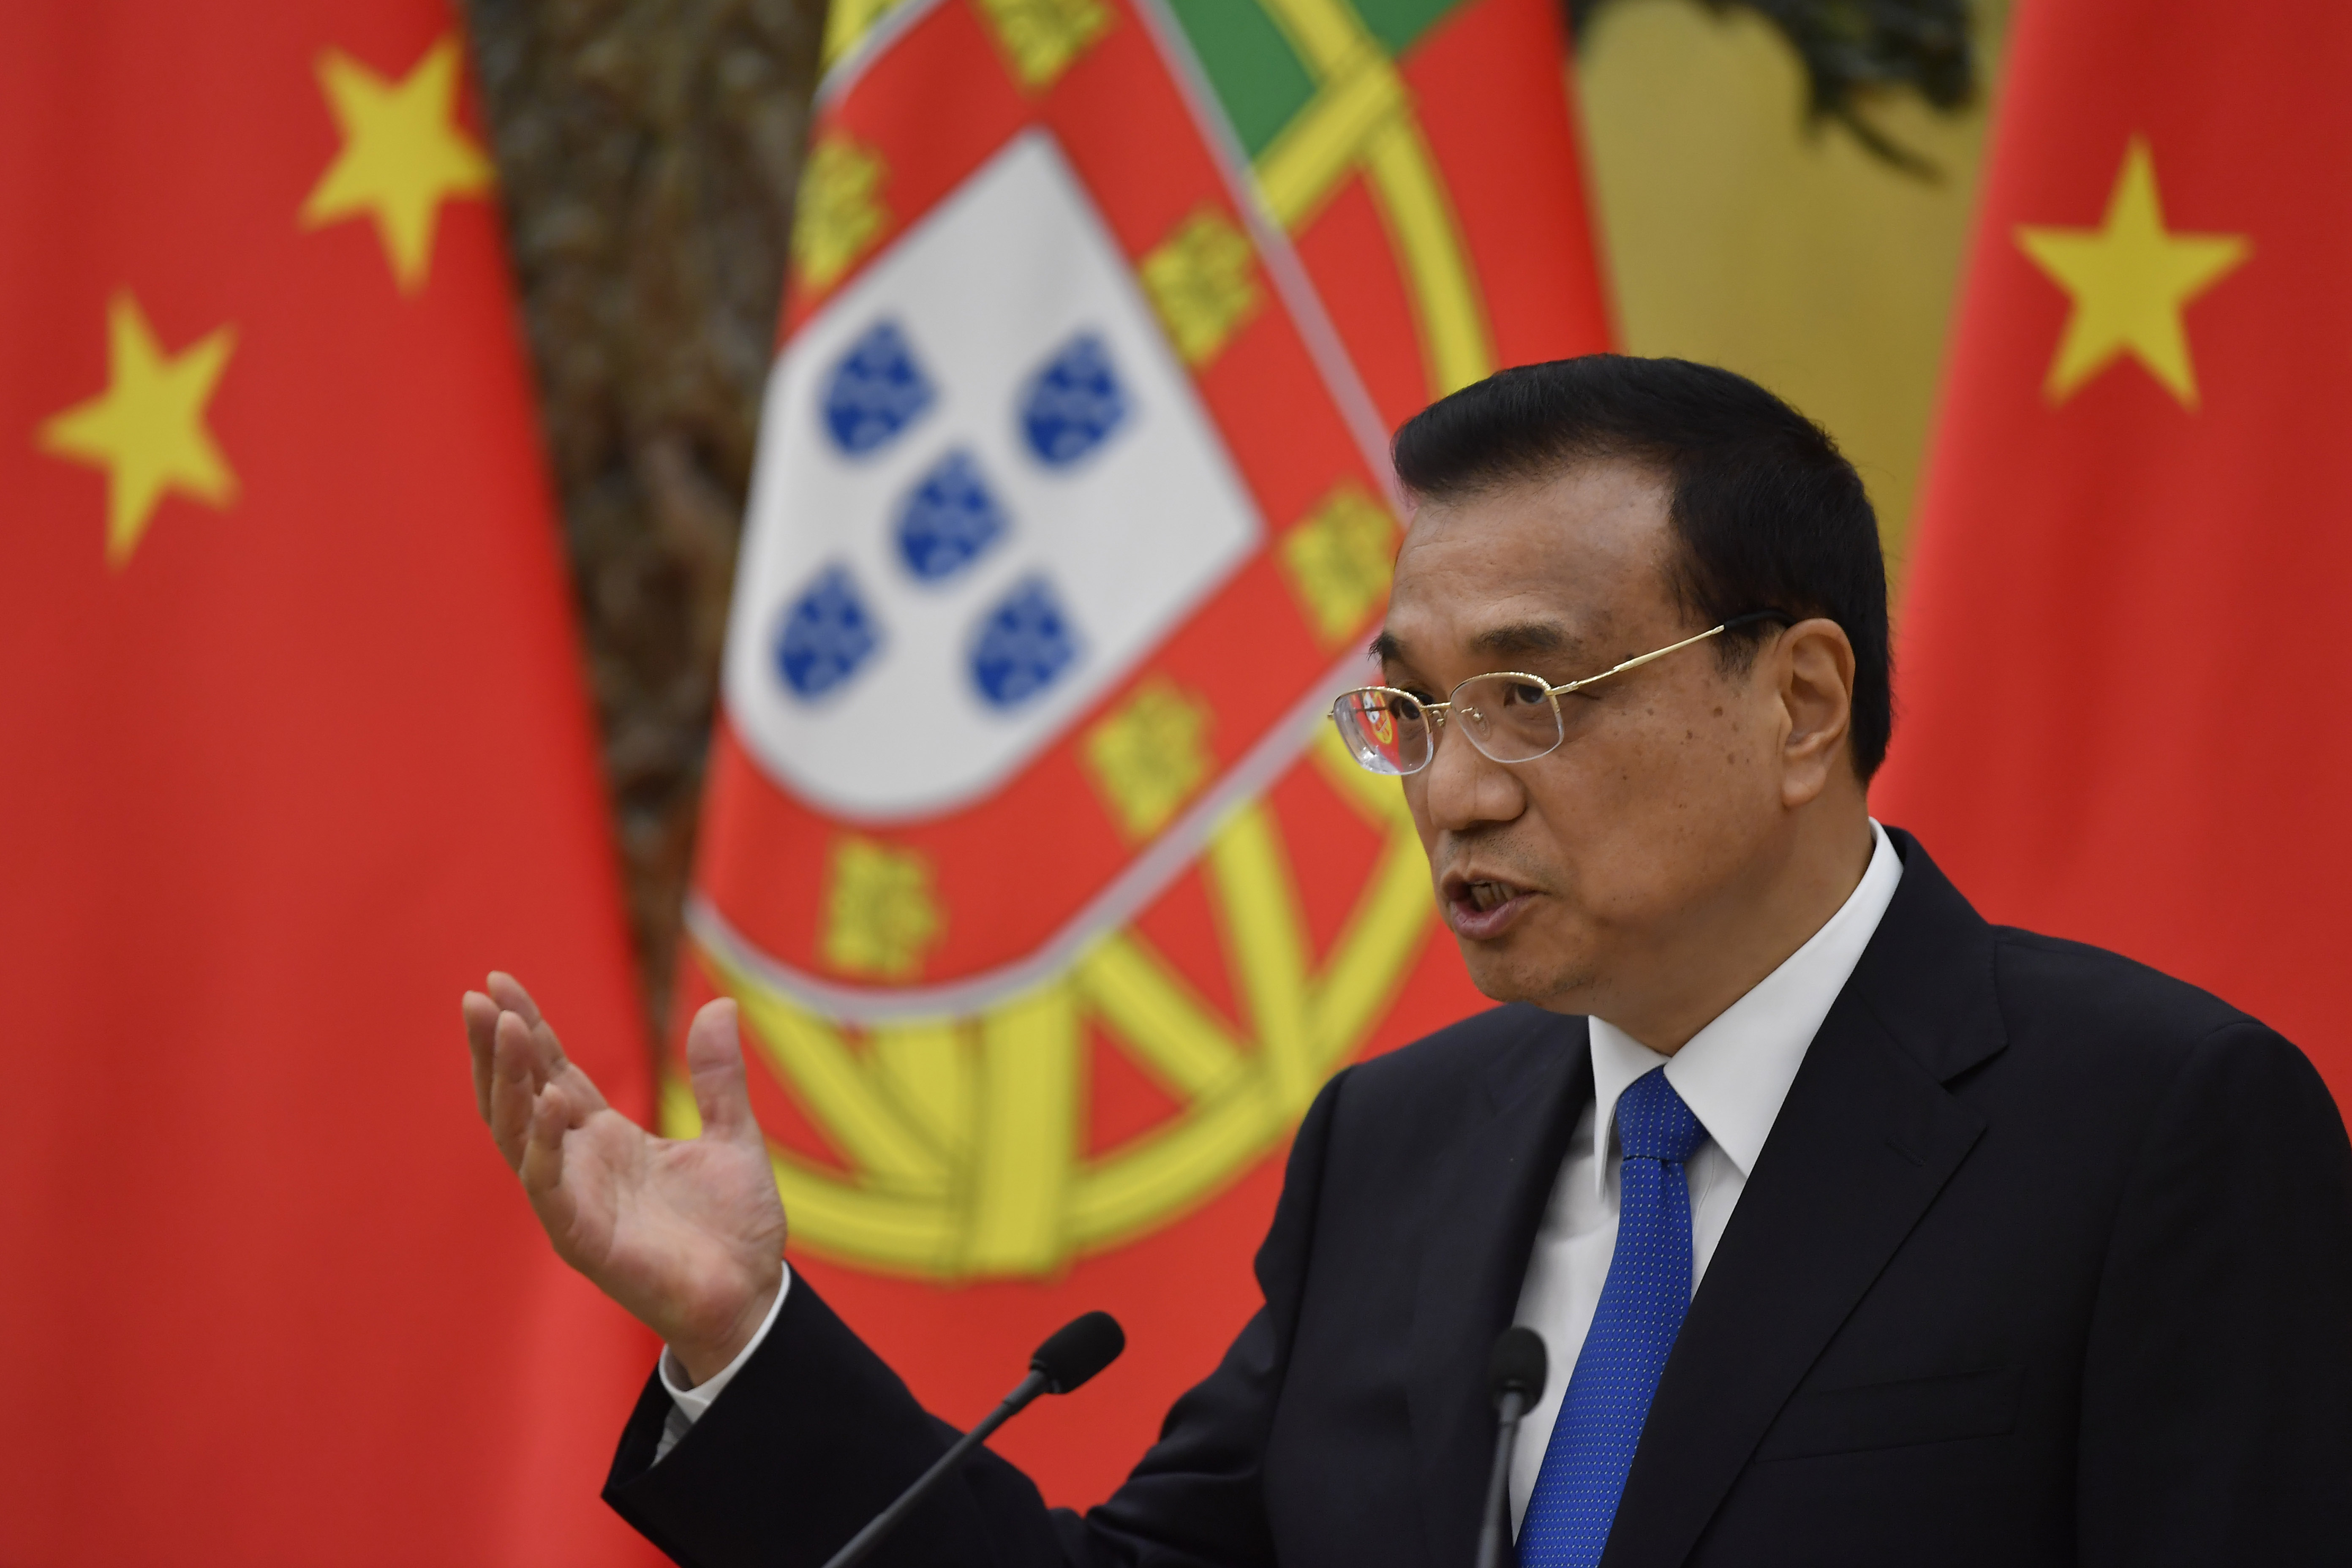 Portuguese Prime Minister Antonio Costa Visits China